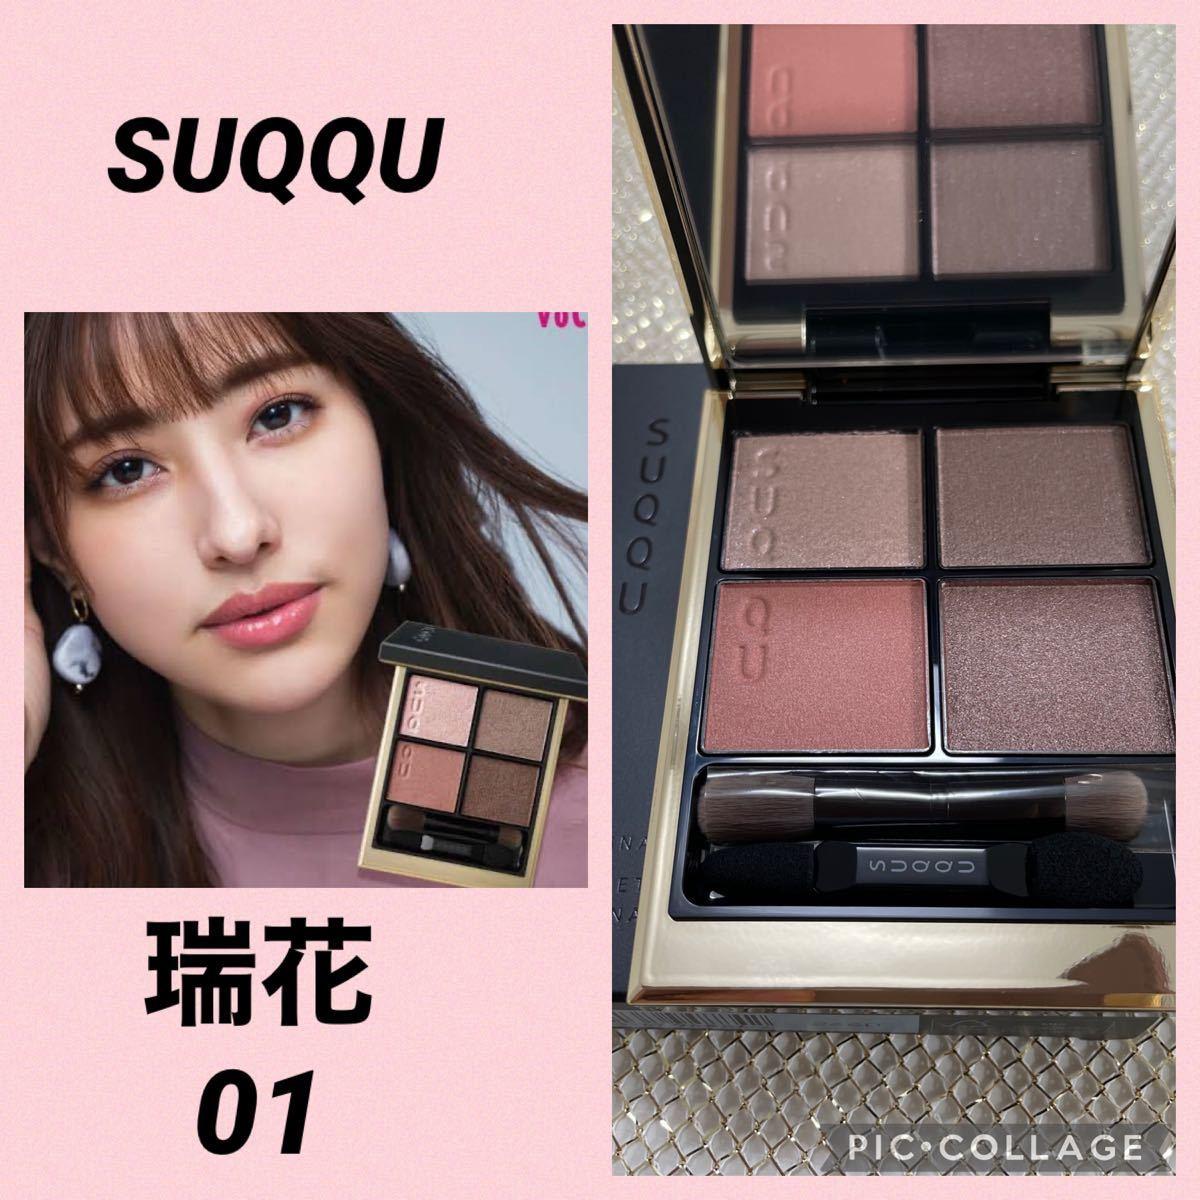 新品未使用★SUQQU スック シグニチャーカラーアイズ01 瑞花 アイシャドウ アイカラー